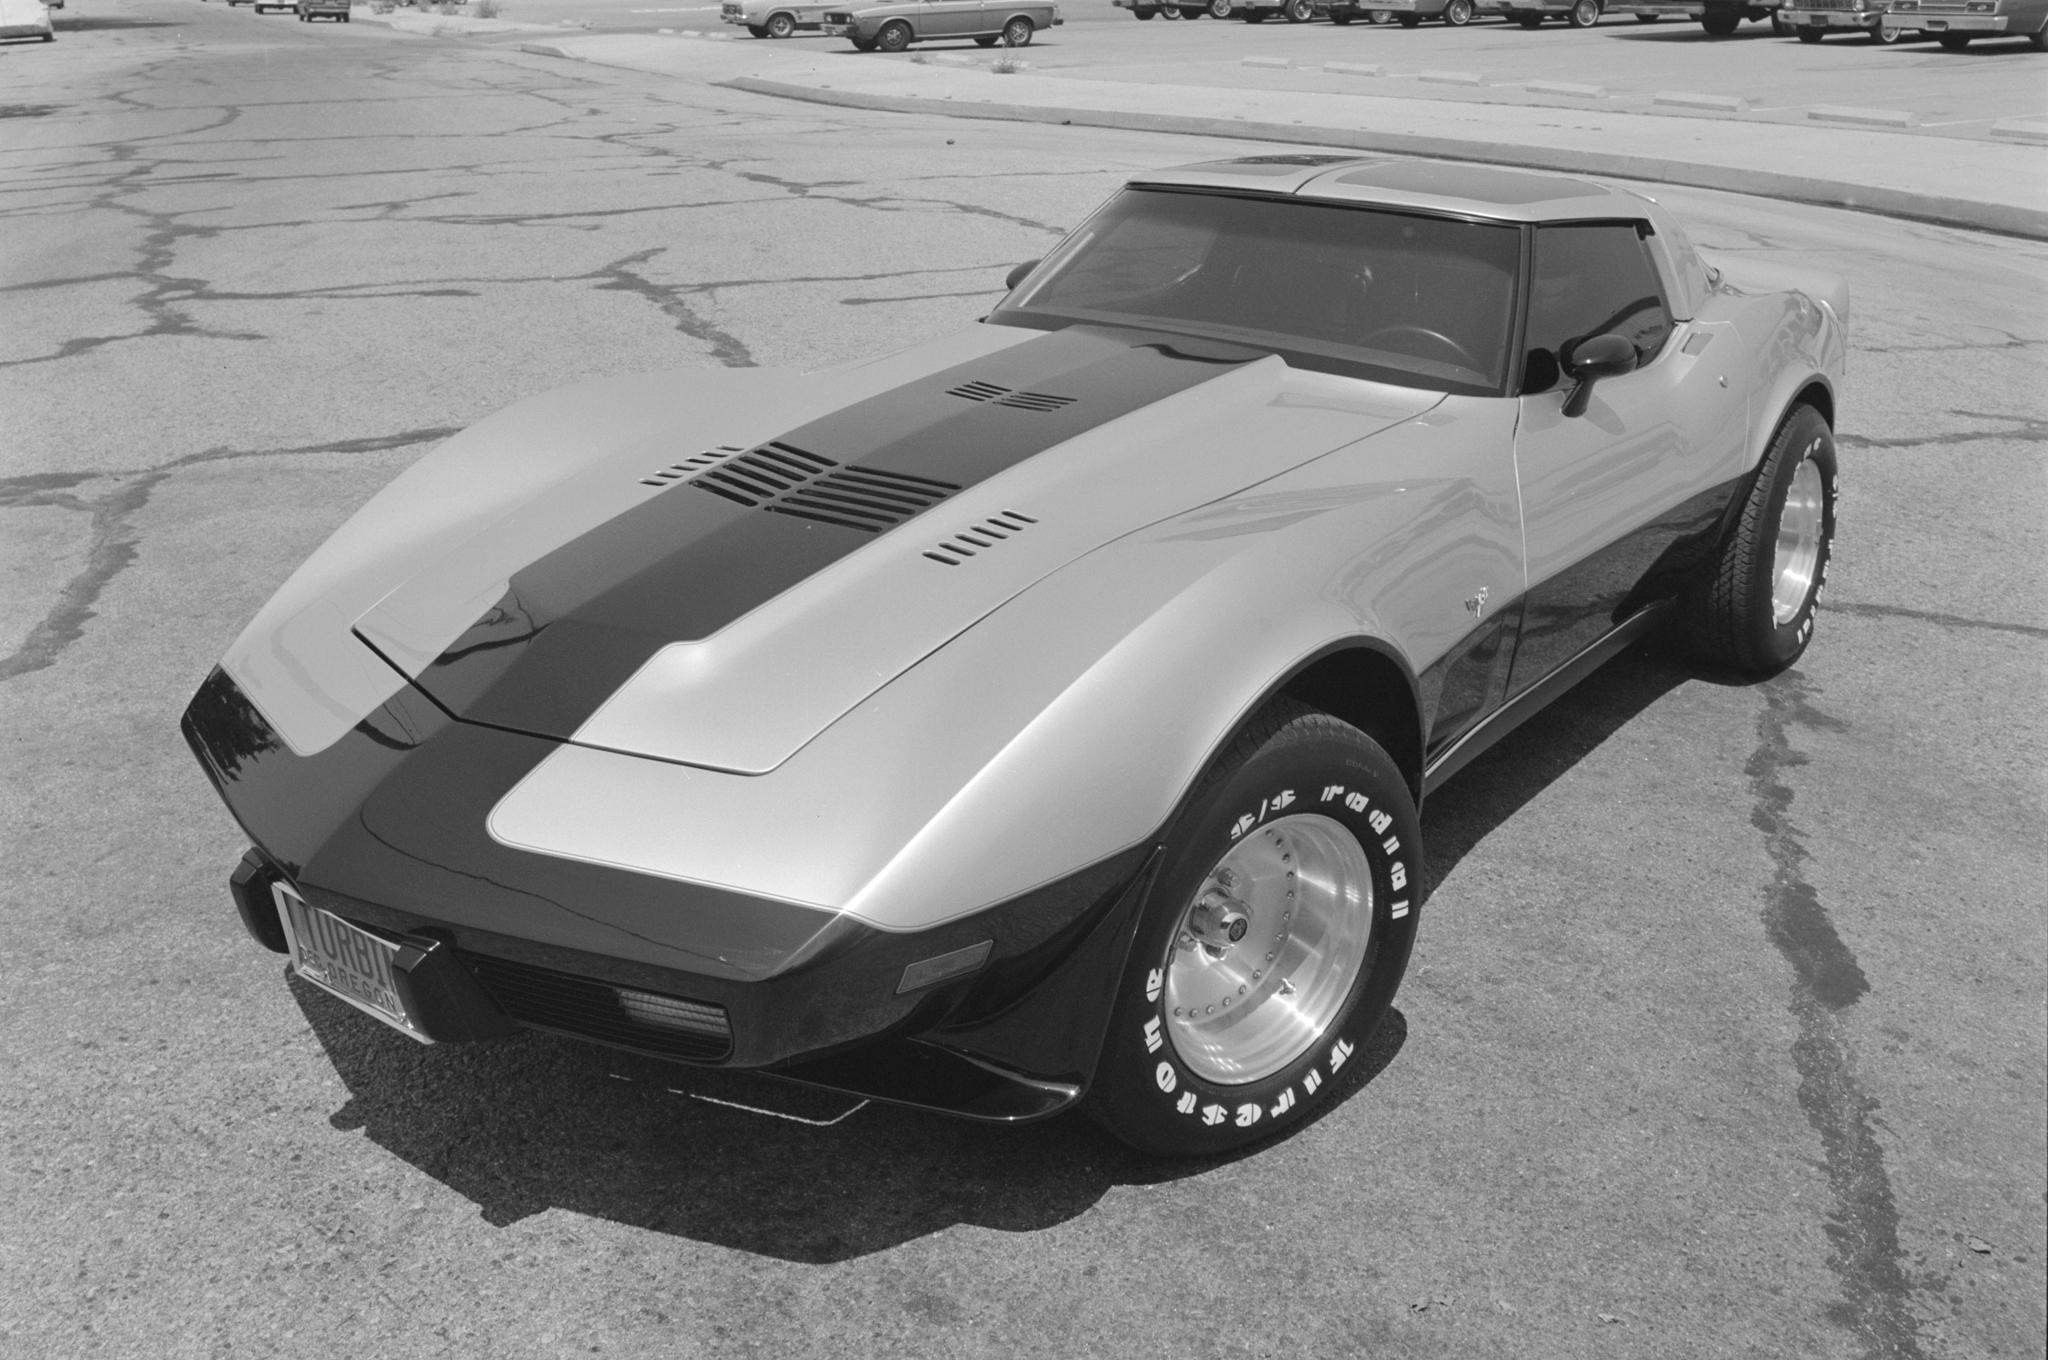 1978-Chevrolet-Corvette-Turbine-by-Vince-Granatelli-front-three-quarter